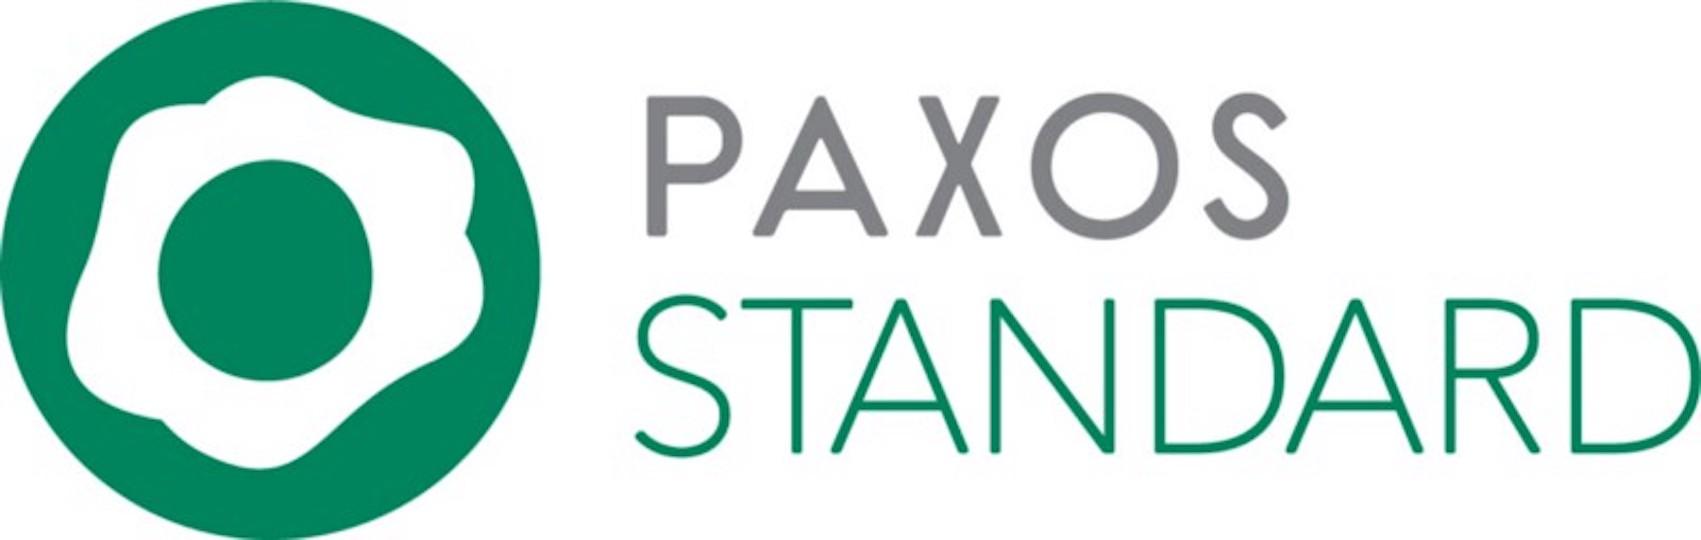 PAXOS Standard, une nouvelle approche de la bourse